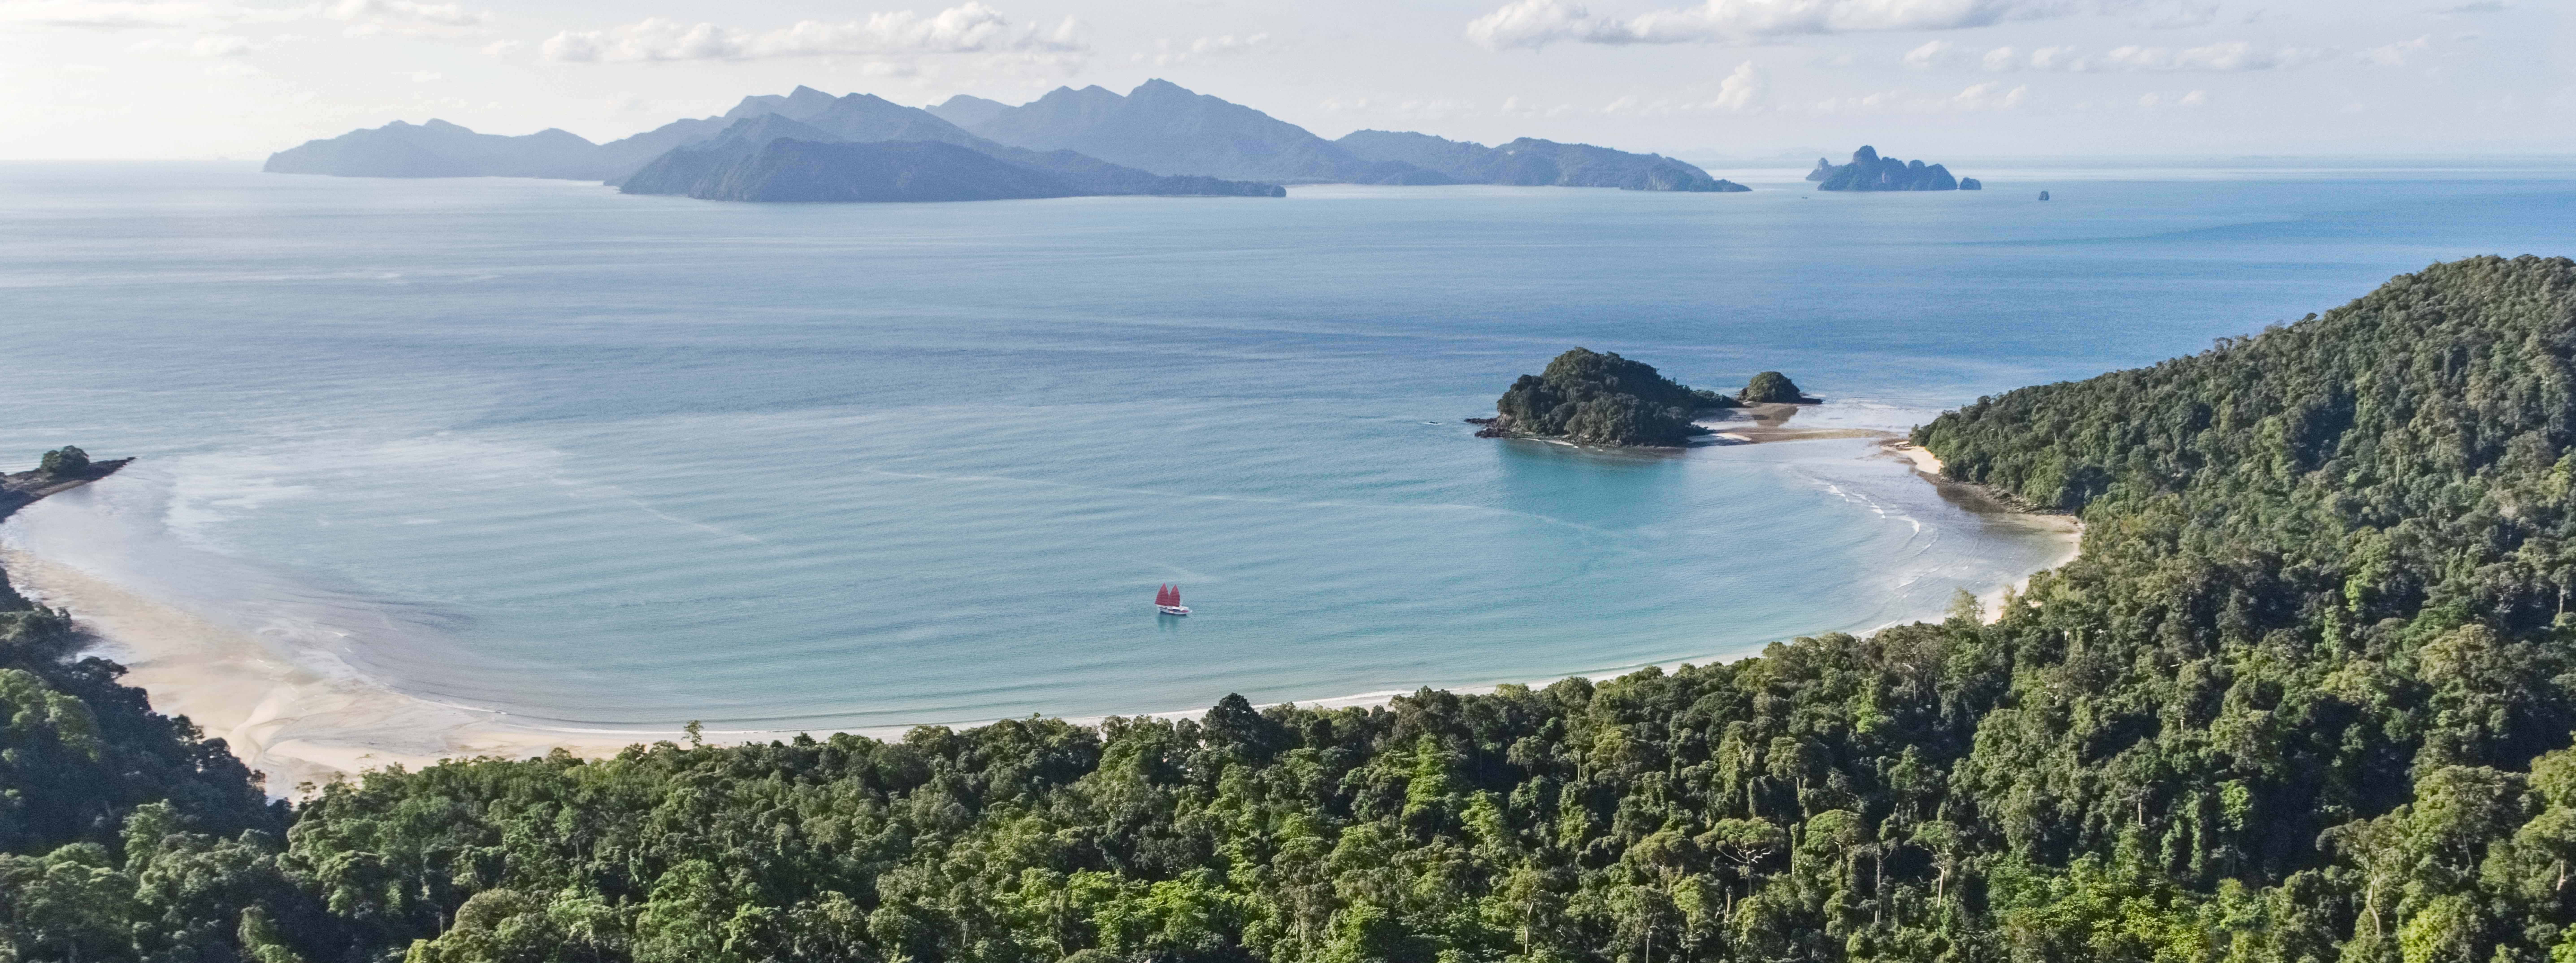 the-datai-langkawi-bay-view